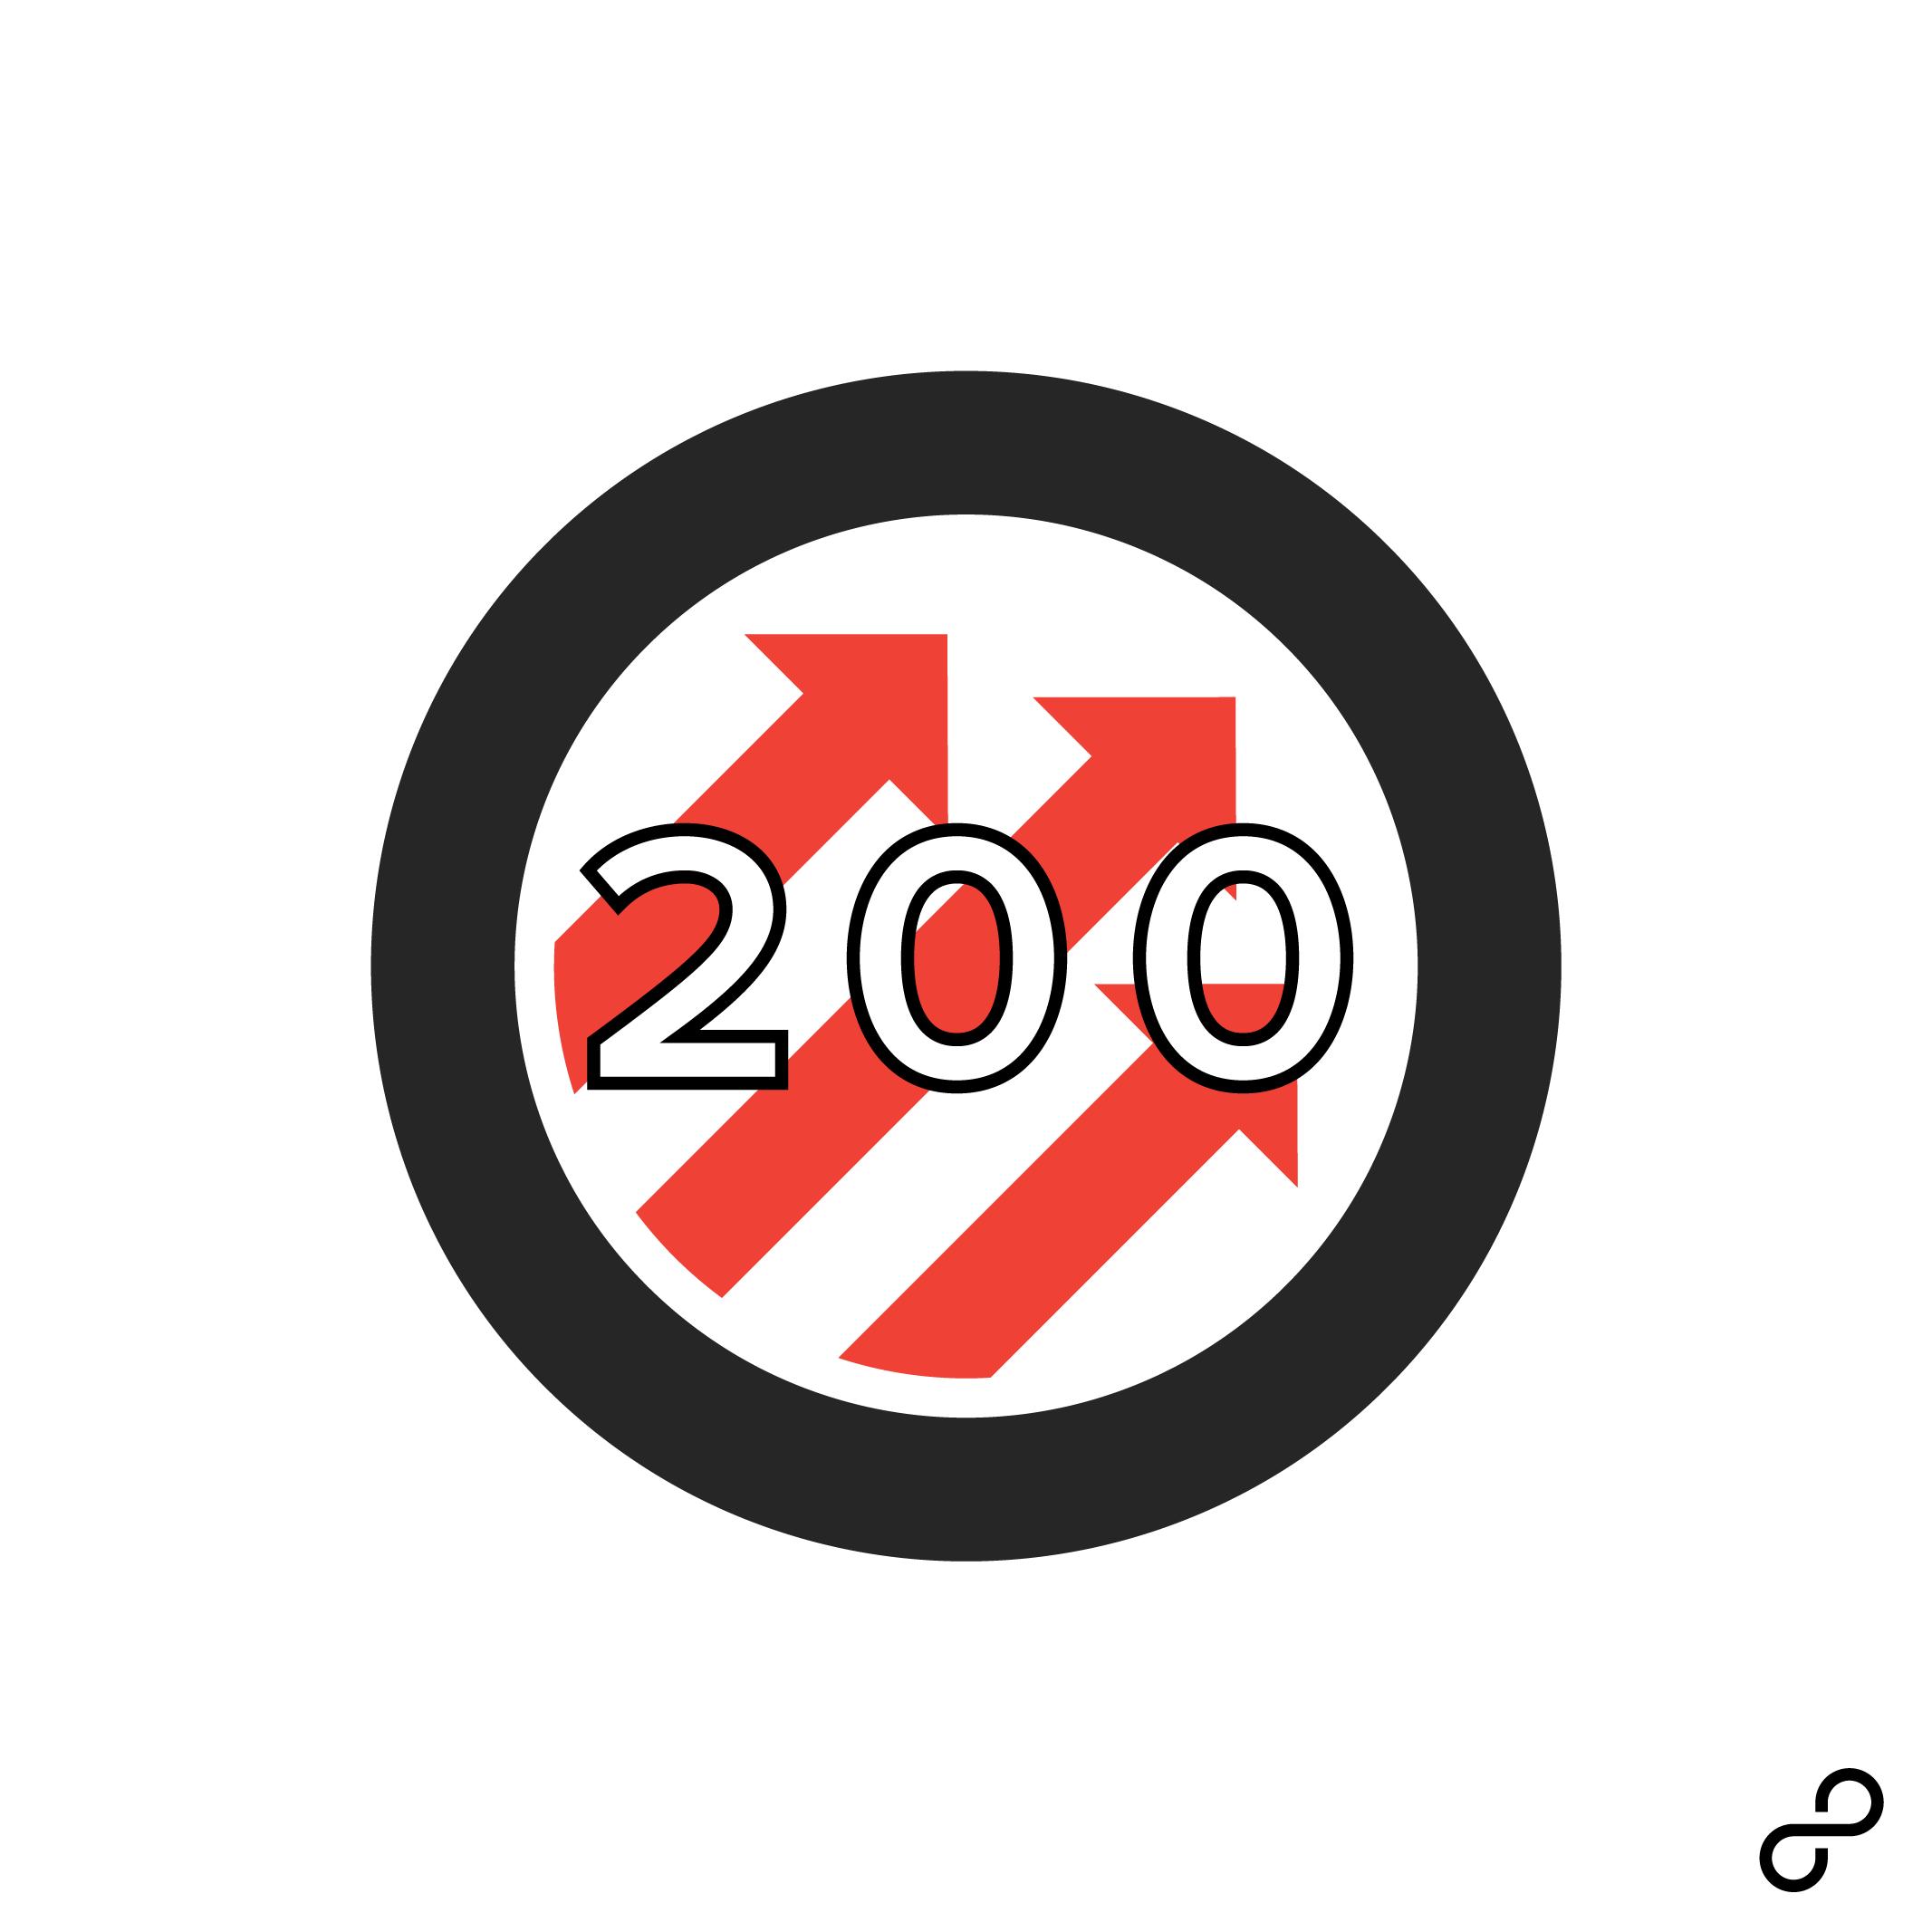 Pitchfork200-13.png